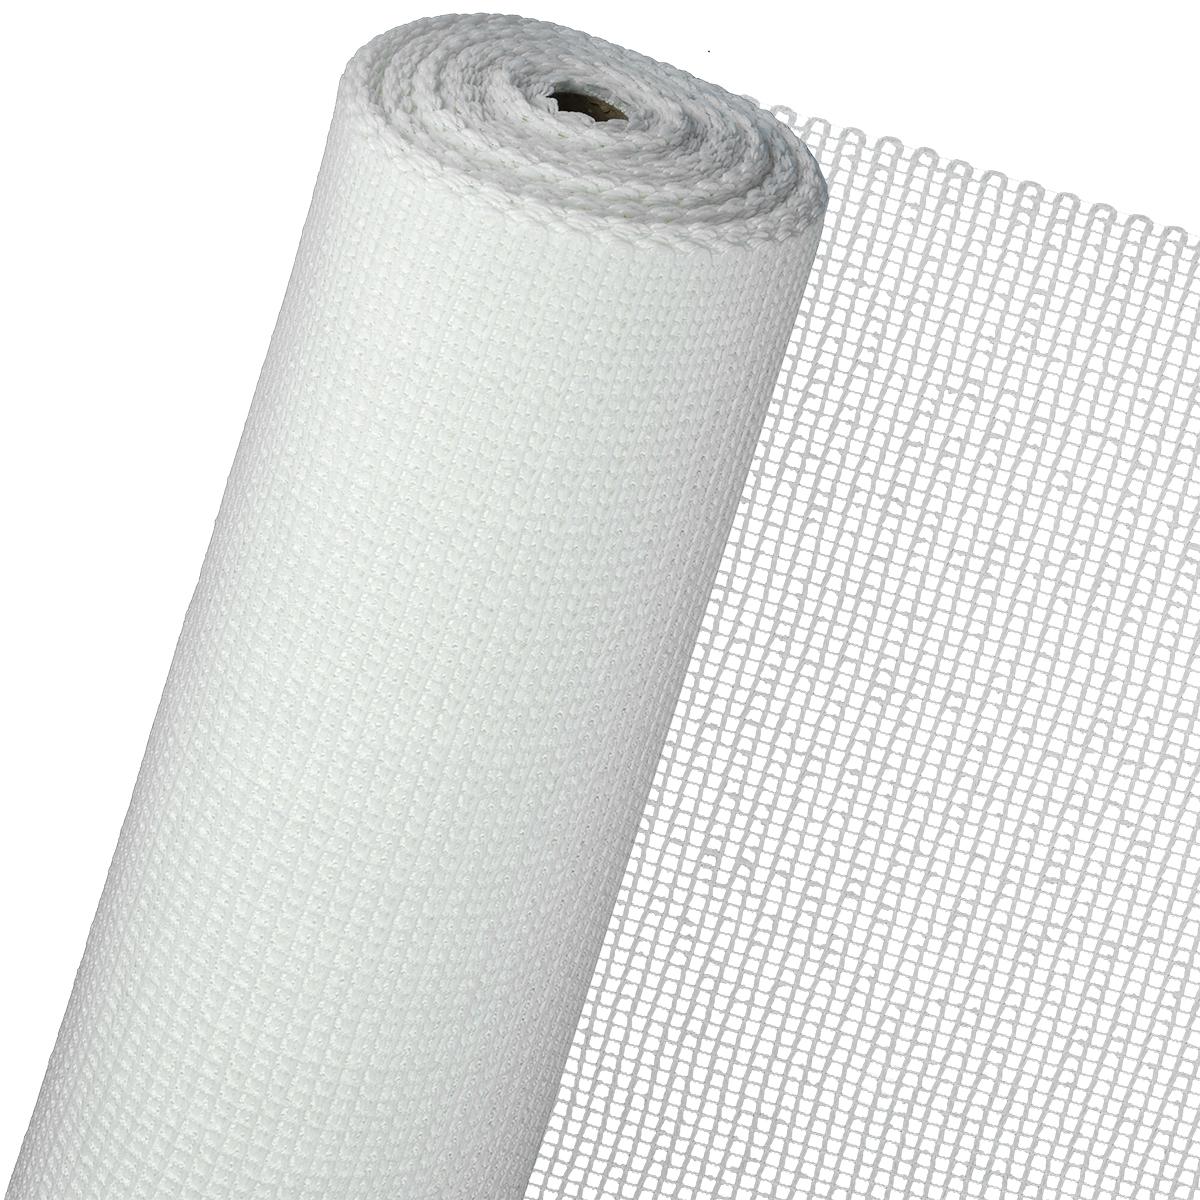 Antirutschmatte Teppich Meterware : antirutschmatte 0 8m br meterware teppichunterlage ~ Watch28wear.com Haus und Dekorationen